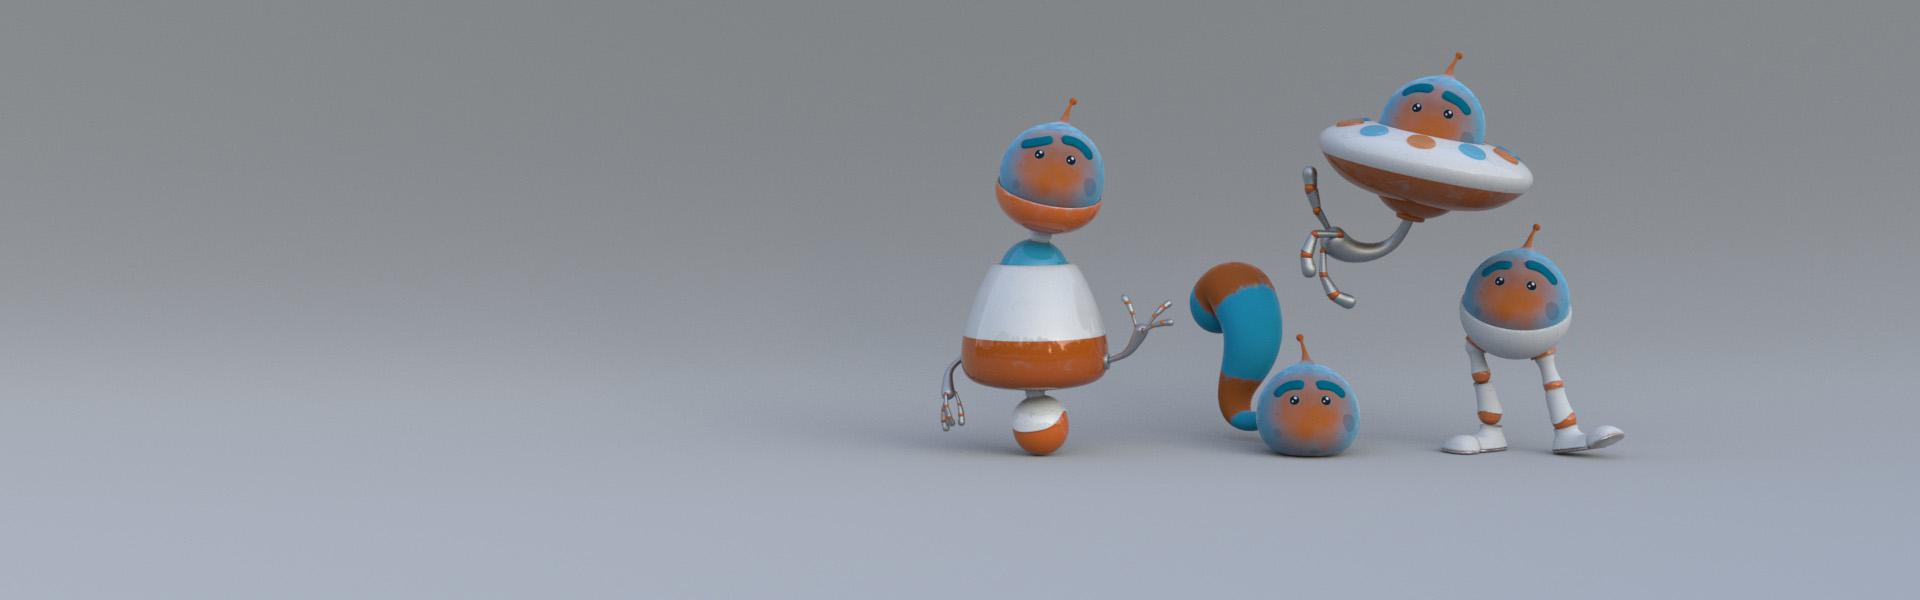 Курс - 3D Анимация | Быстрый старт